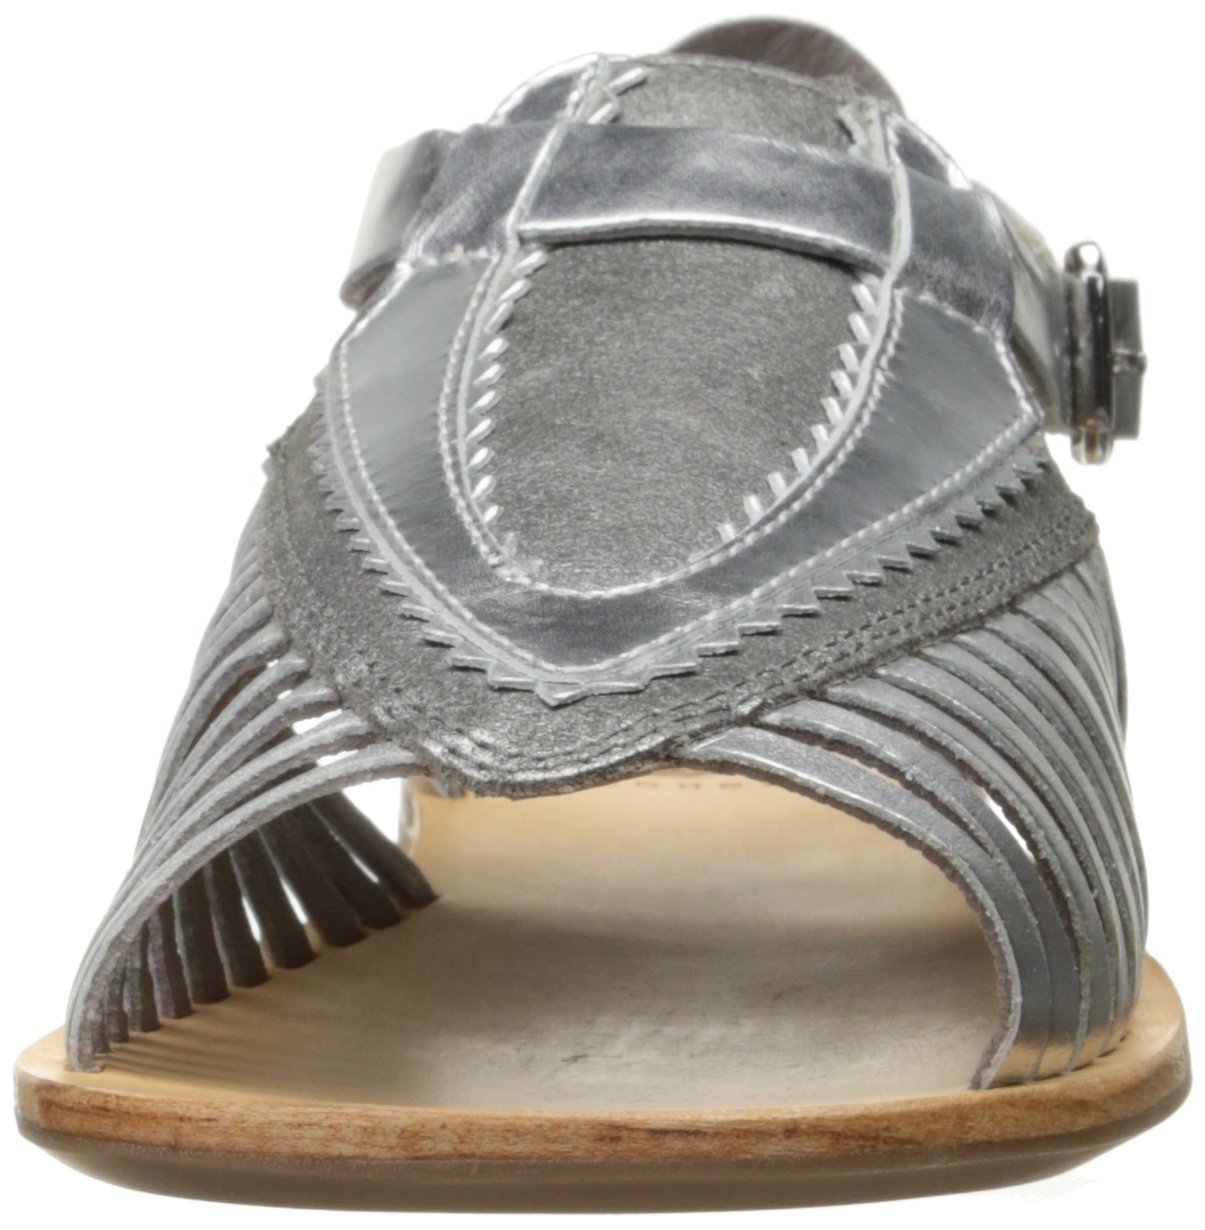 H by Hudson Women's Pansy Multi Flat Sandal B01LYV8YVX 35 M EU / 4 B(M) US Silver